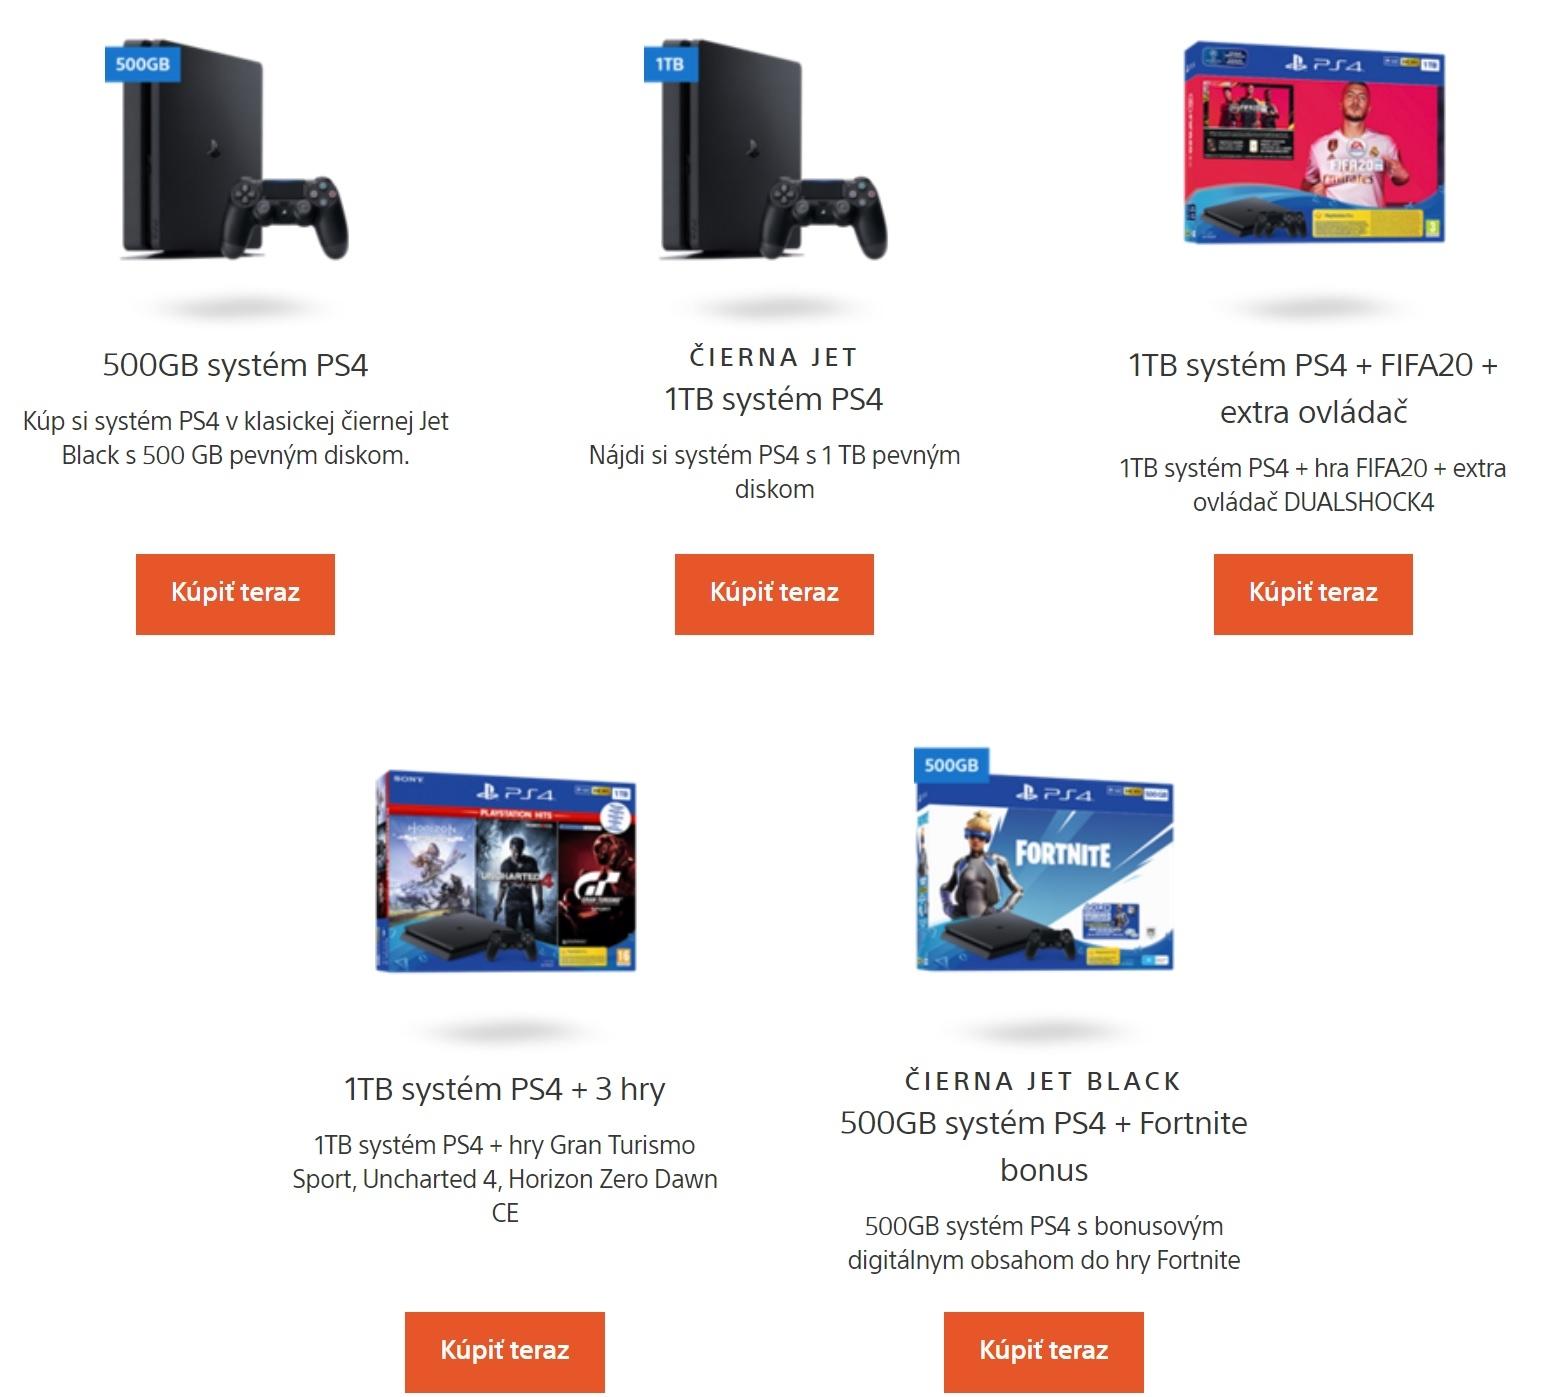 Playstation 4 možno teraz kúpiť vo výhodných balíkoch